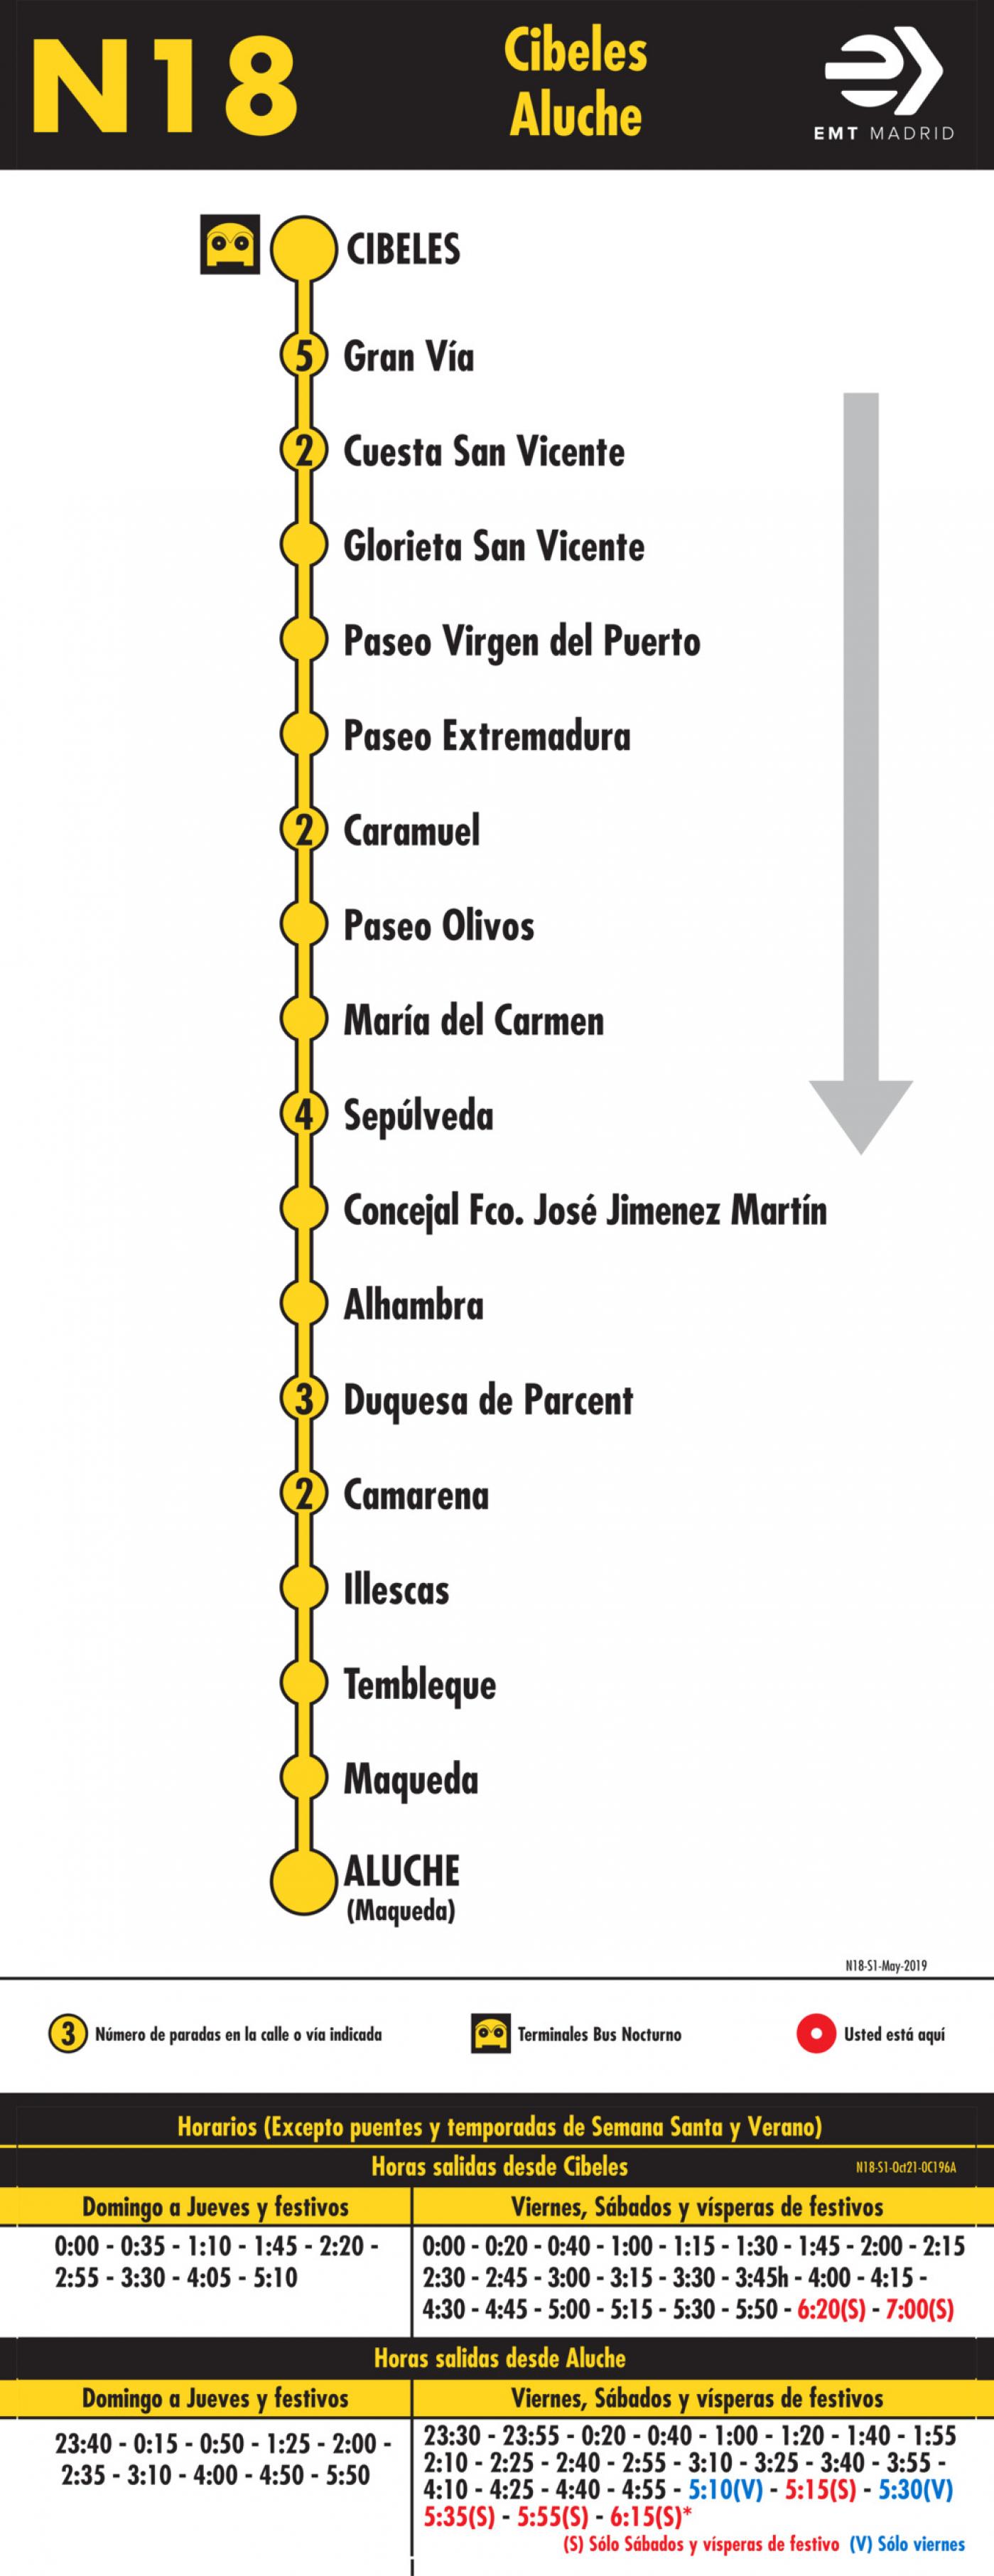 Tabla de horarios y frecuencias de paso en sentido ida Línea N18: Plaza de Cibeles - Aluche (búho)